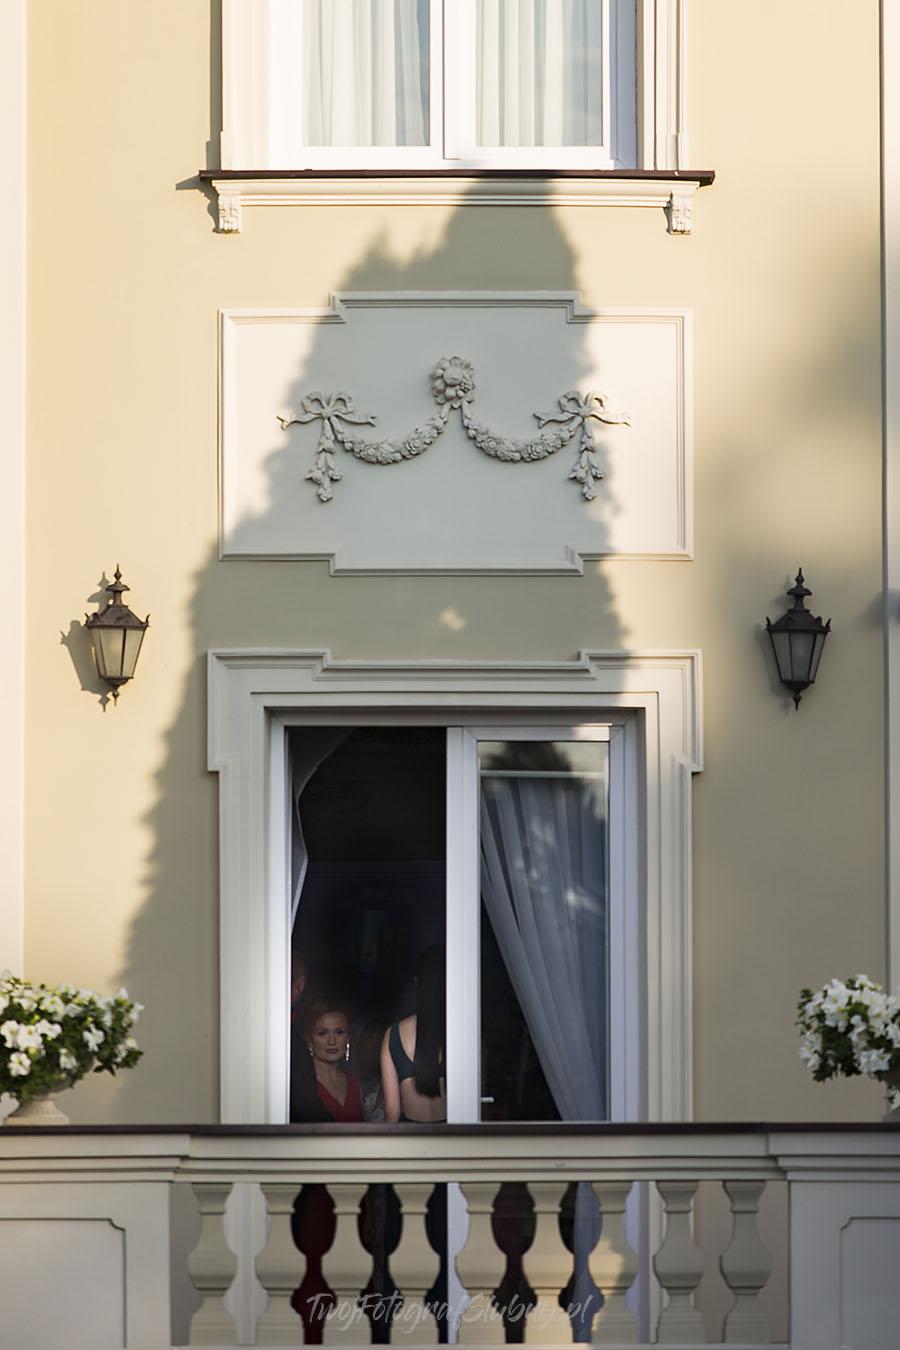 ceremonia w ogrodzie palacyku otrebusy AR 0371 - Naturalny reportaż ślubny